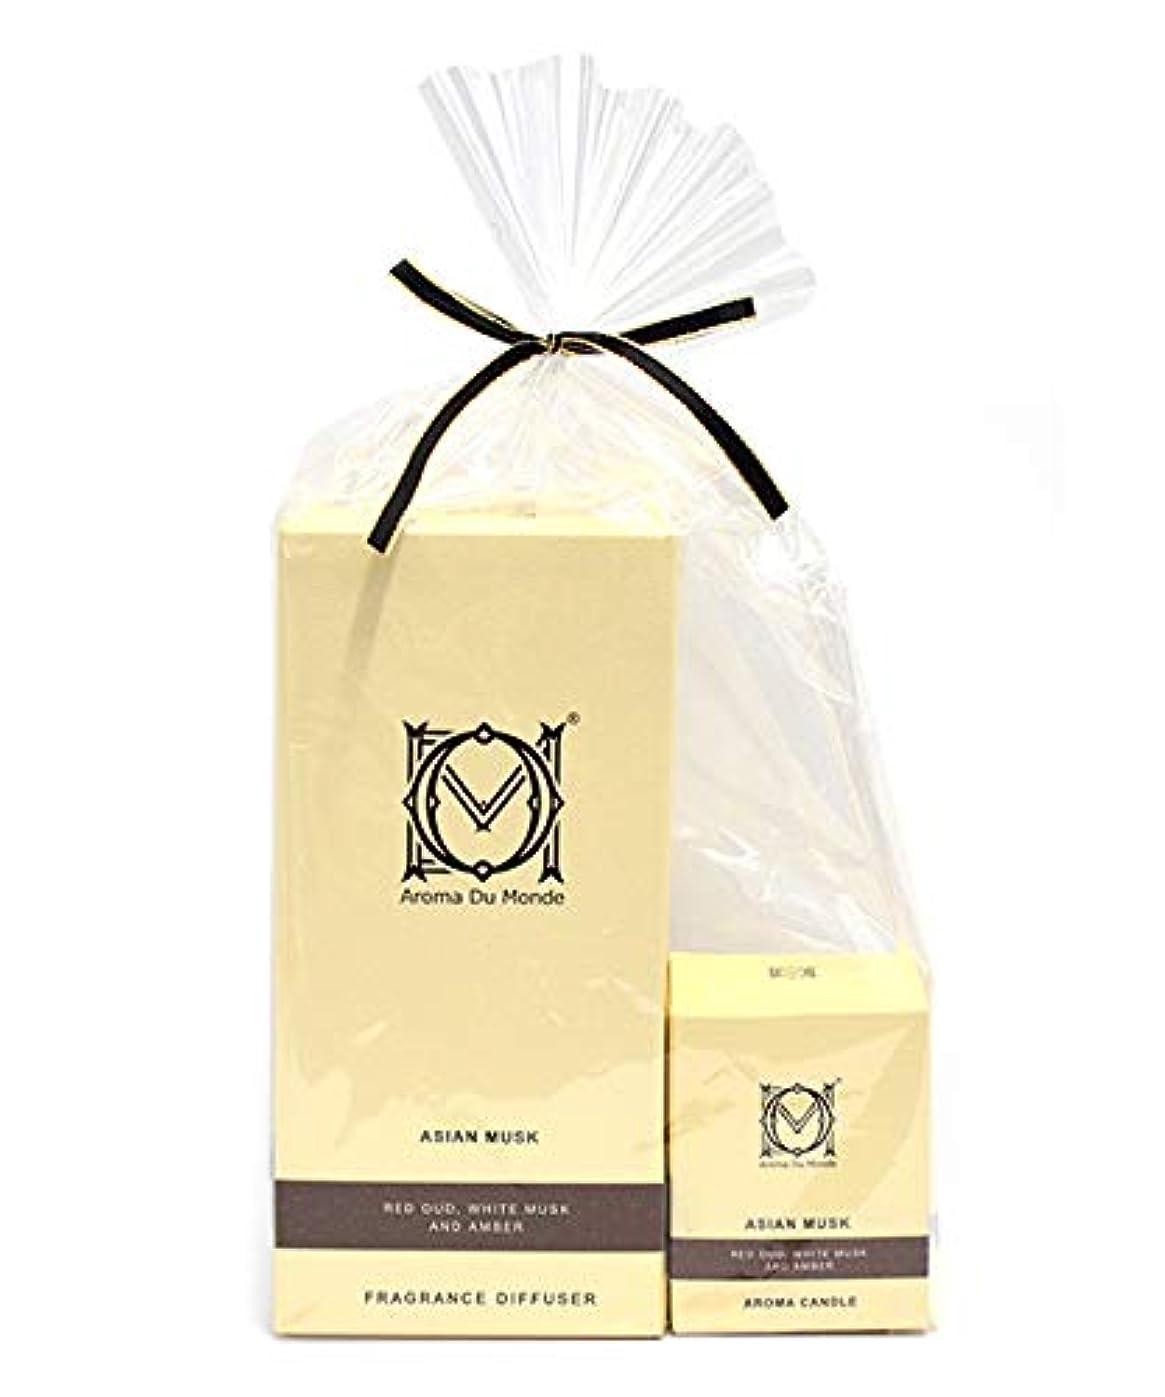 自慢弾力性のあるロマンチックフレグランスディフューザー&キャンドル アジアンムスク セット Aroma Du Monde/ADM Fragrance Diffuser & Candle Asian Musk Set 81157